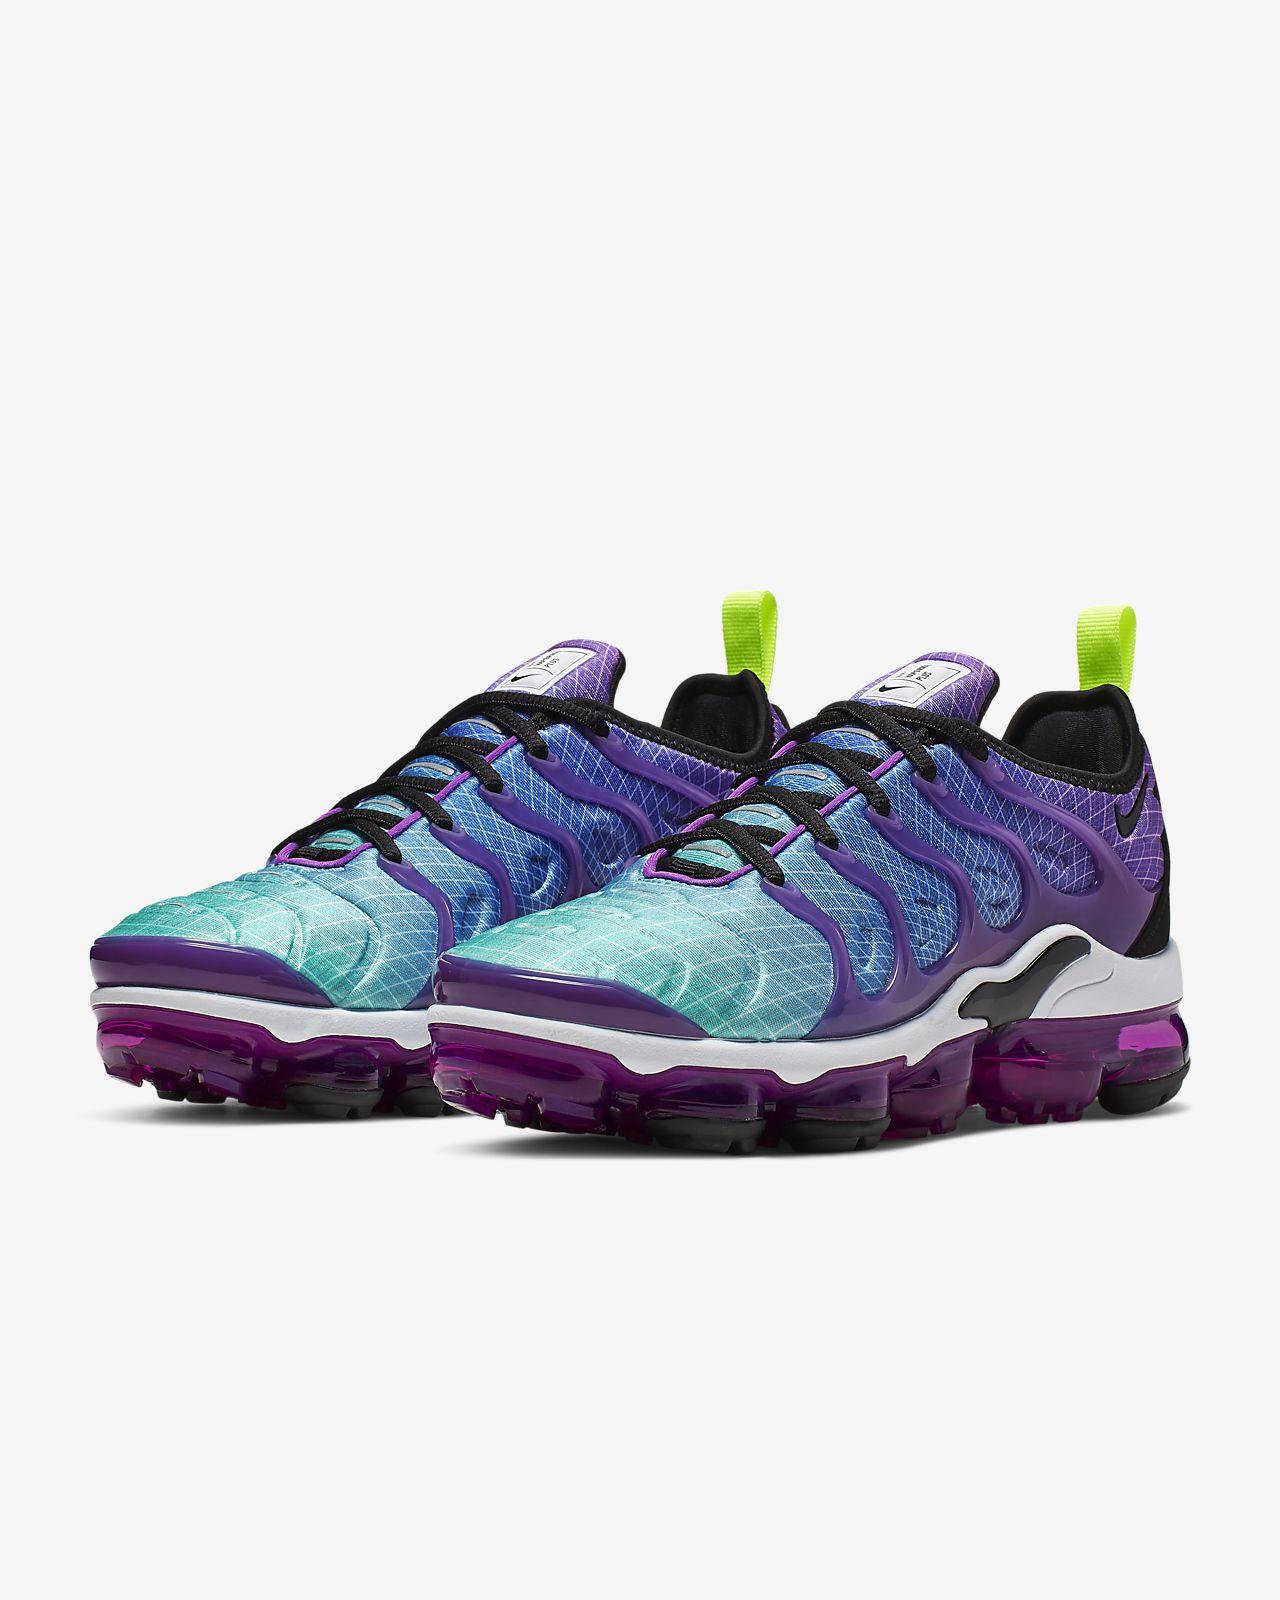 c859855c82daa Nike Air VaporMax Plus Women's Shoe. Nike.com